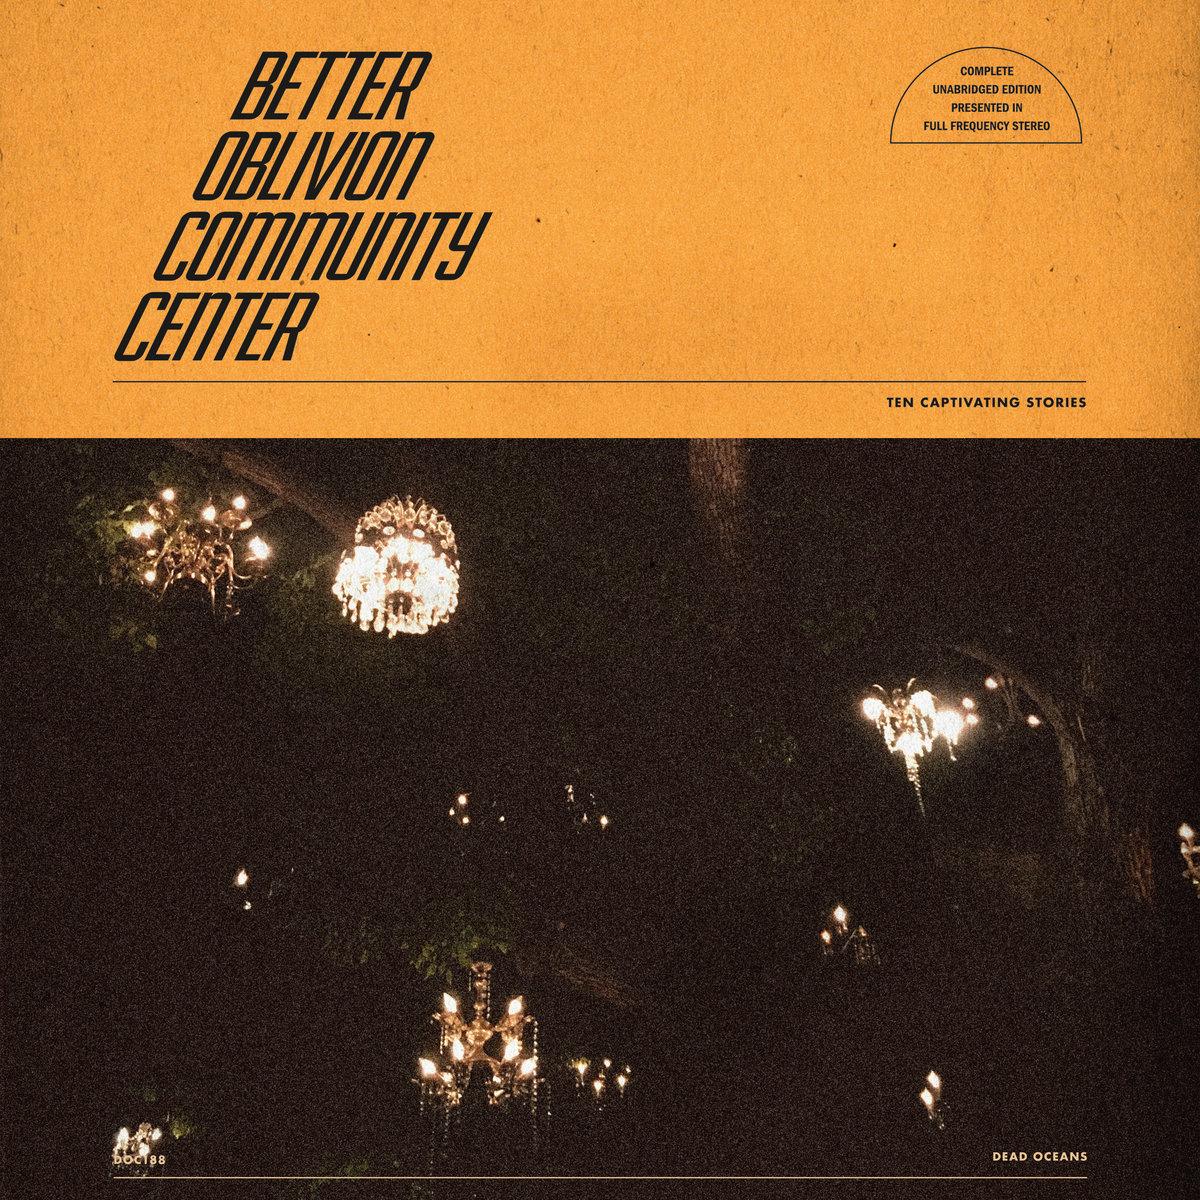 Better oblivion community center | better oblivion community center.